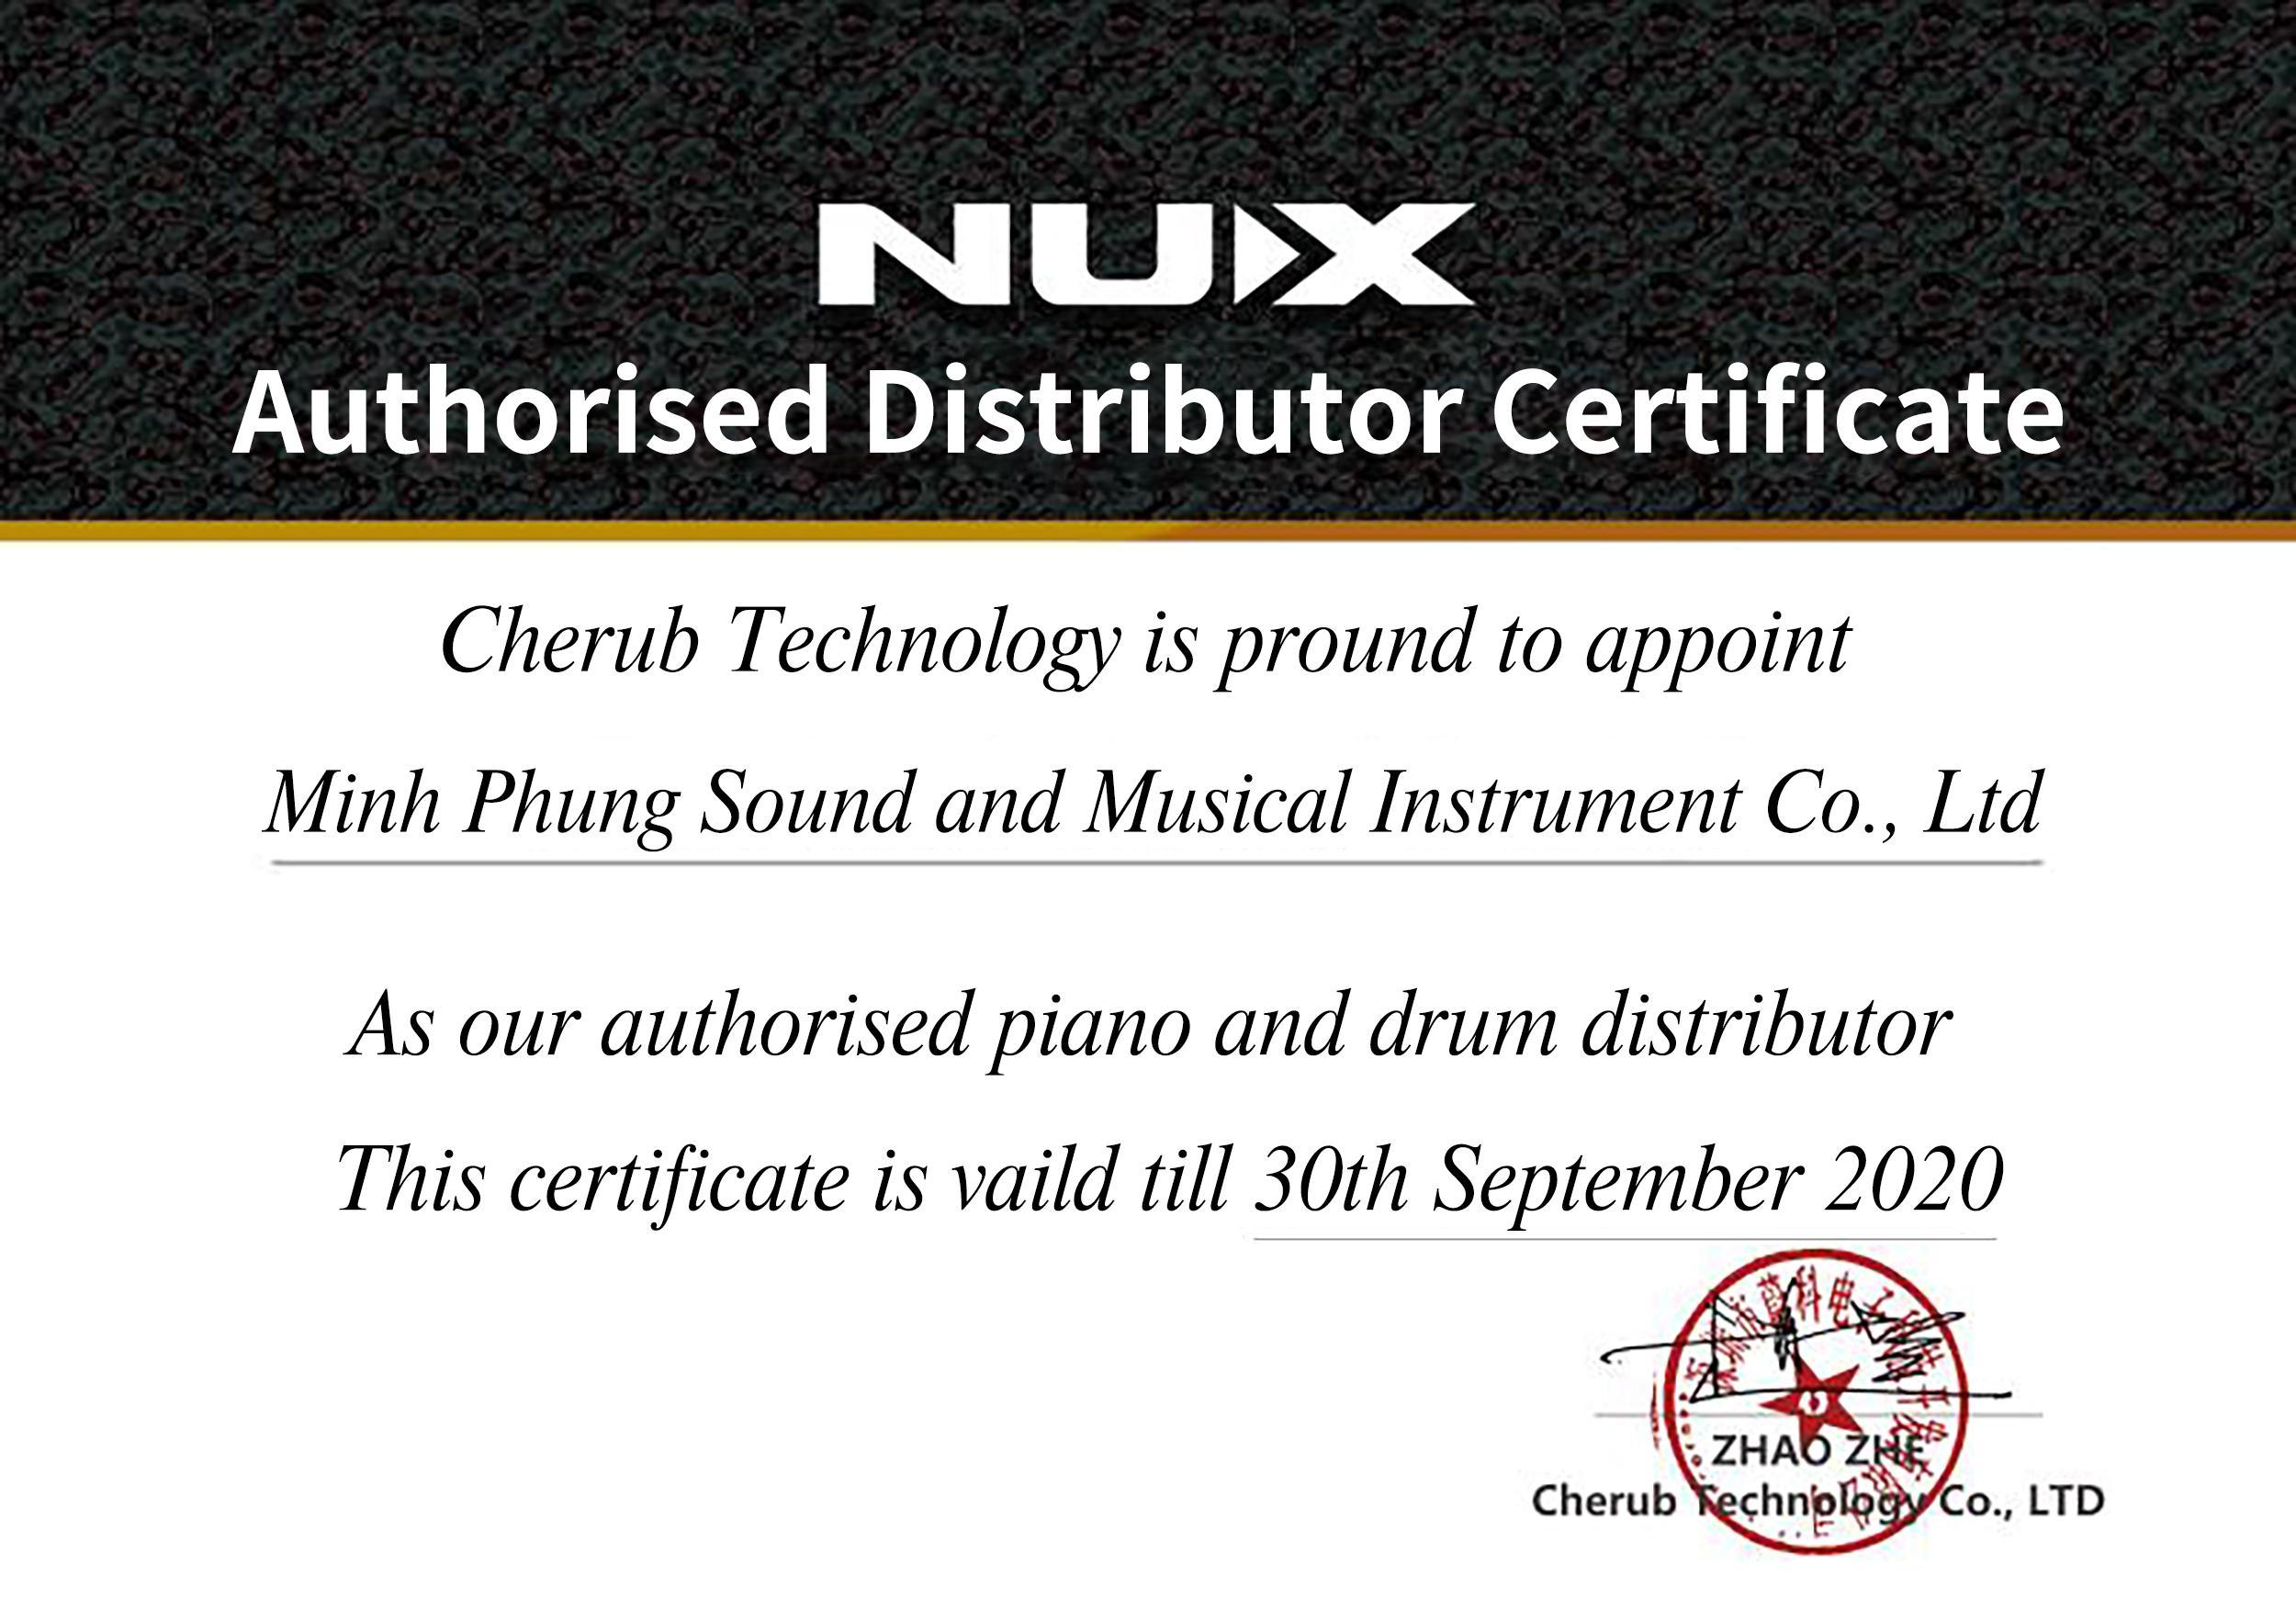 giay_chung_nhan_thuong_dan_piano_nux